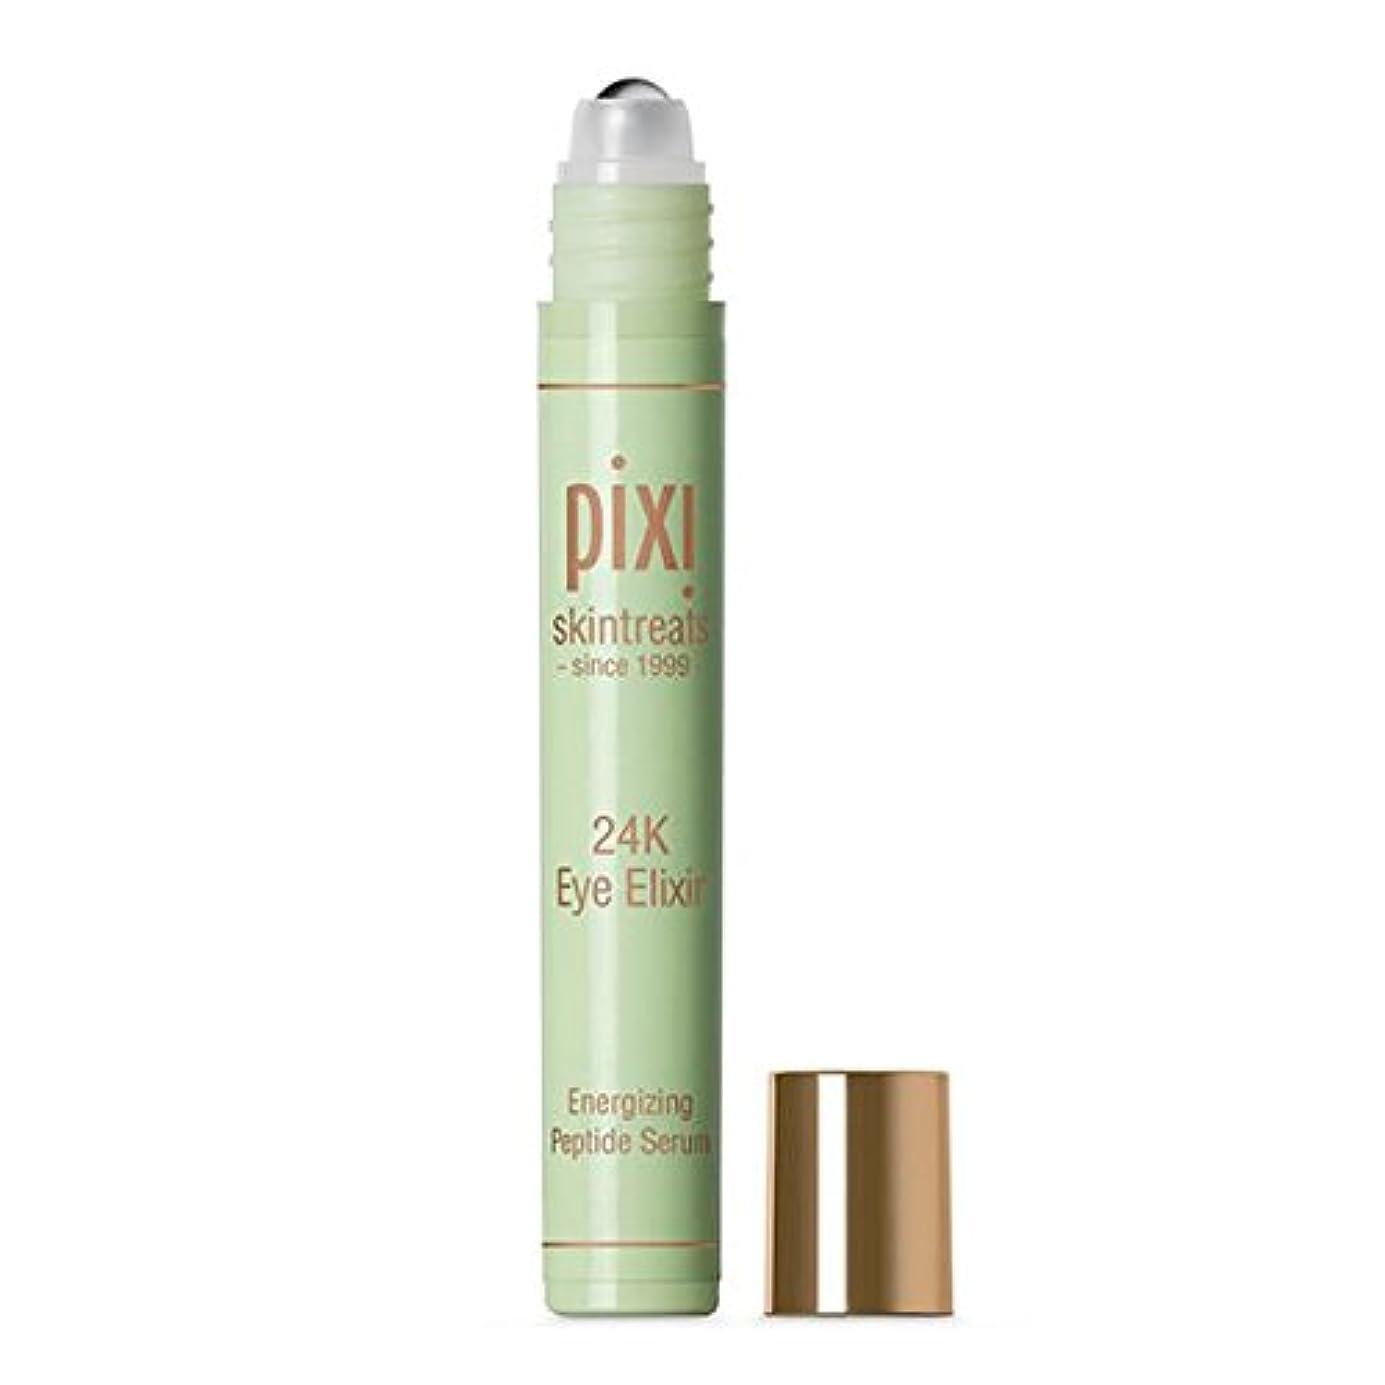 主要なキャビン植物学者Pixi - 24k Eye Elixir [並行輸入品]